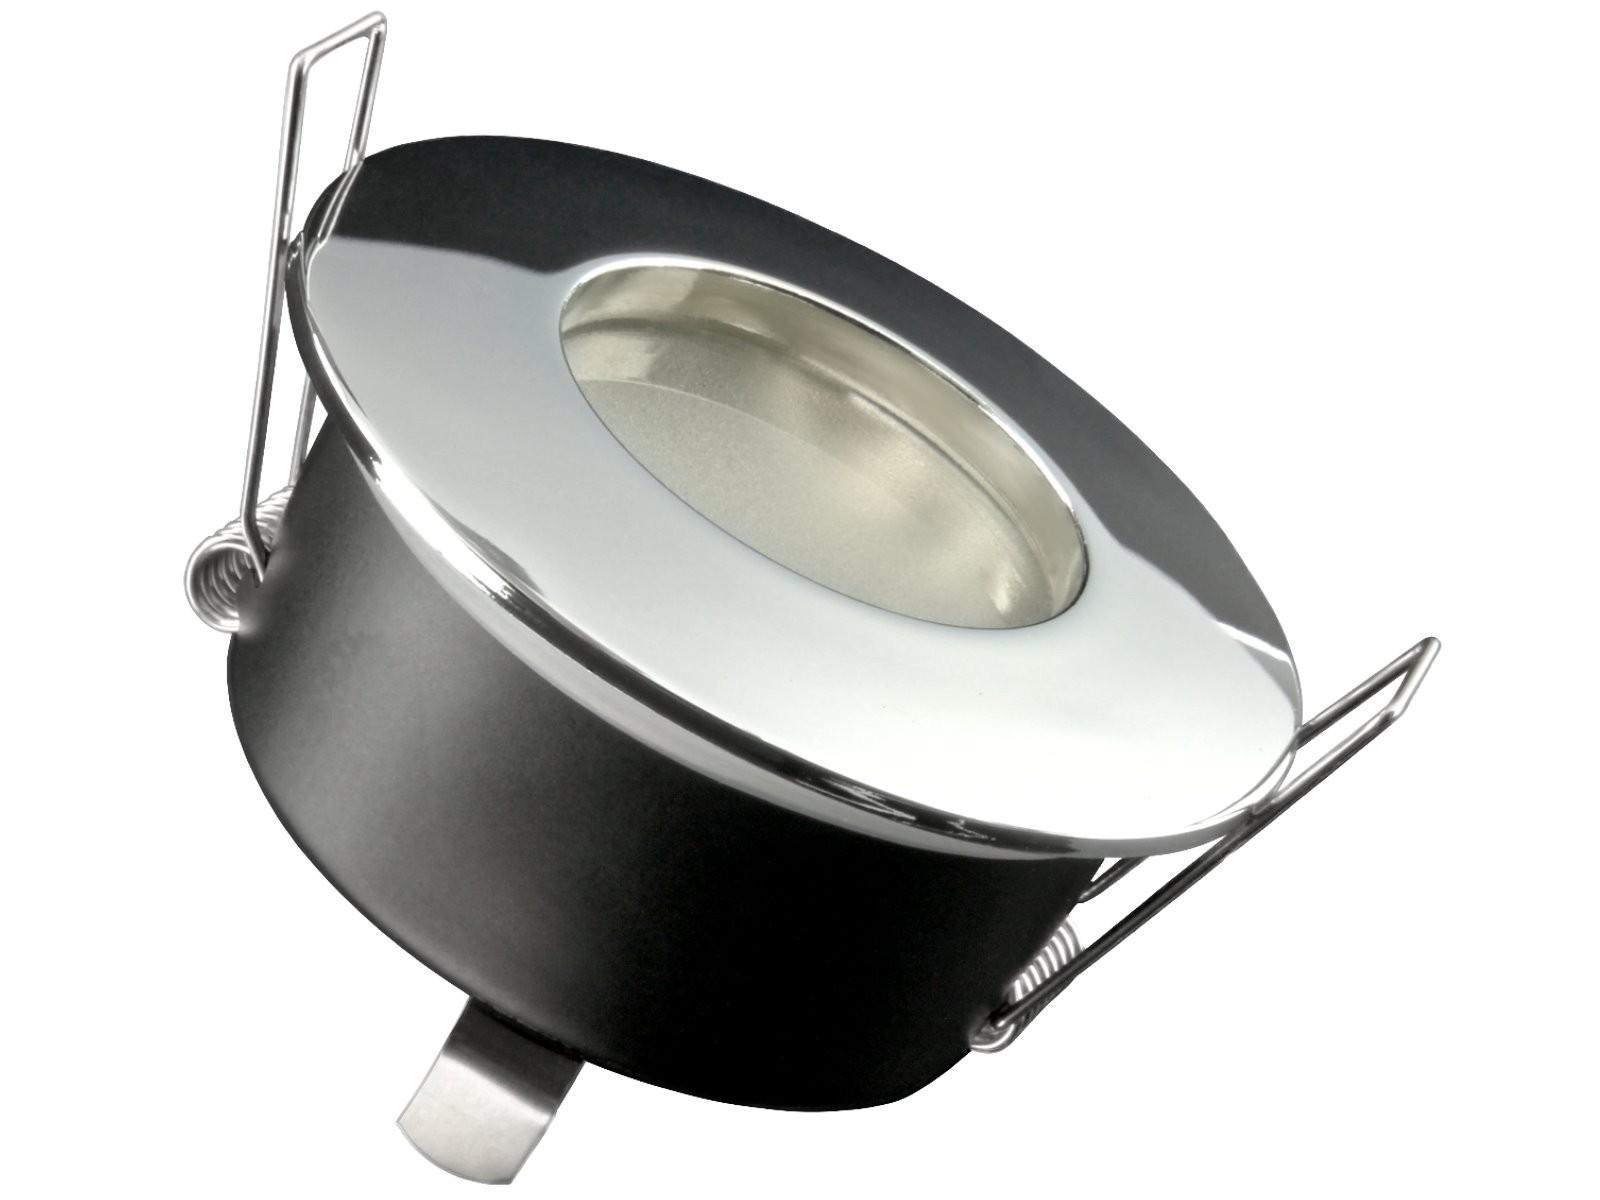 Dusche Led Strahler : Feuchtraum LED-Einbauspot Strahler Bad Dusche chrom, IP65 5W SMD LED